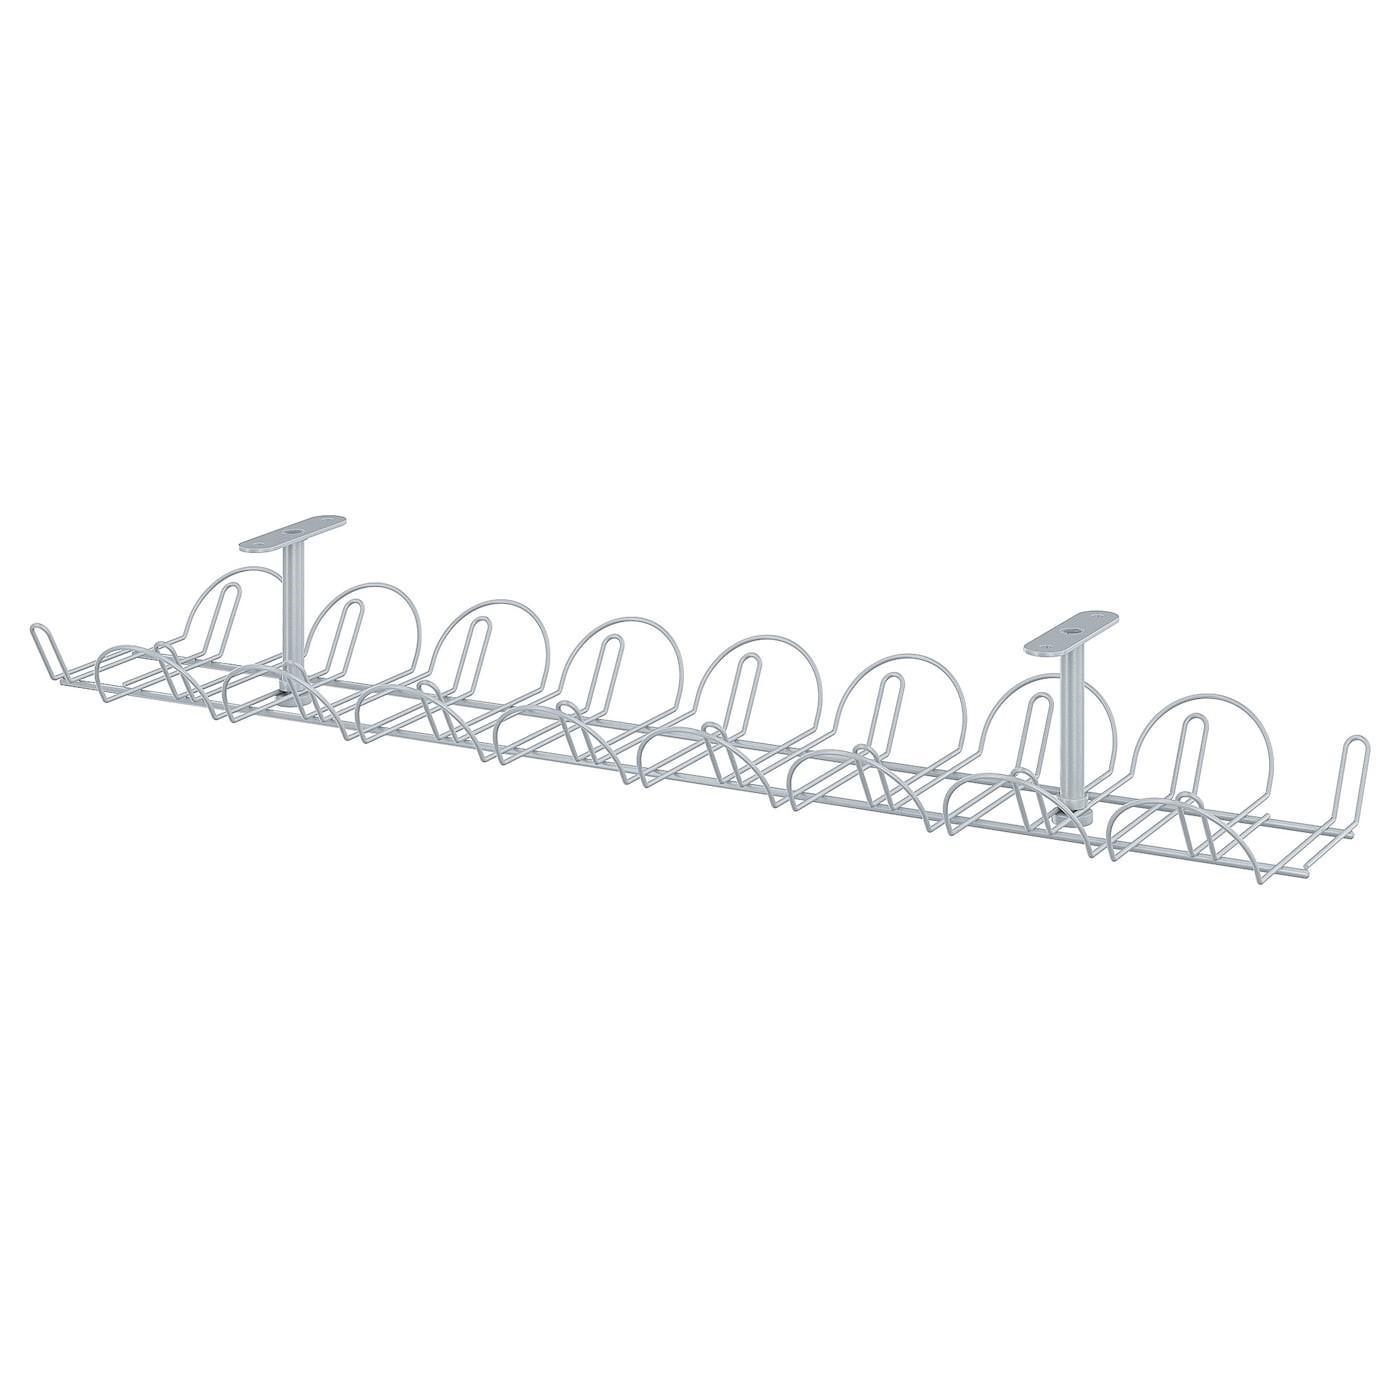 IKEA СИГНУМ Канал для кабеля горизонтальный, серебристый, 70 см 302.002.53